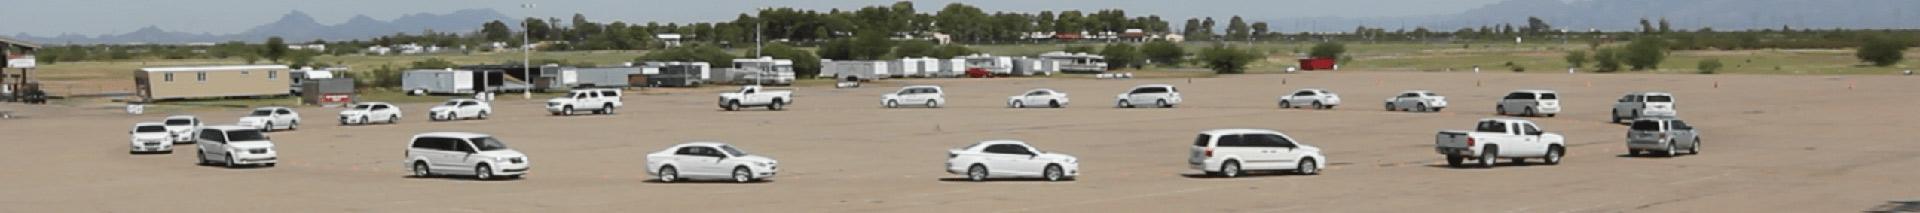 Даже 5% беспилотных автомобилей сильно увеличивают пропускную способность дорог - 3